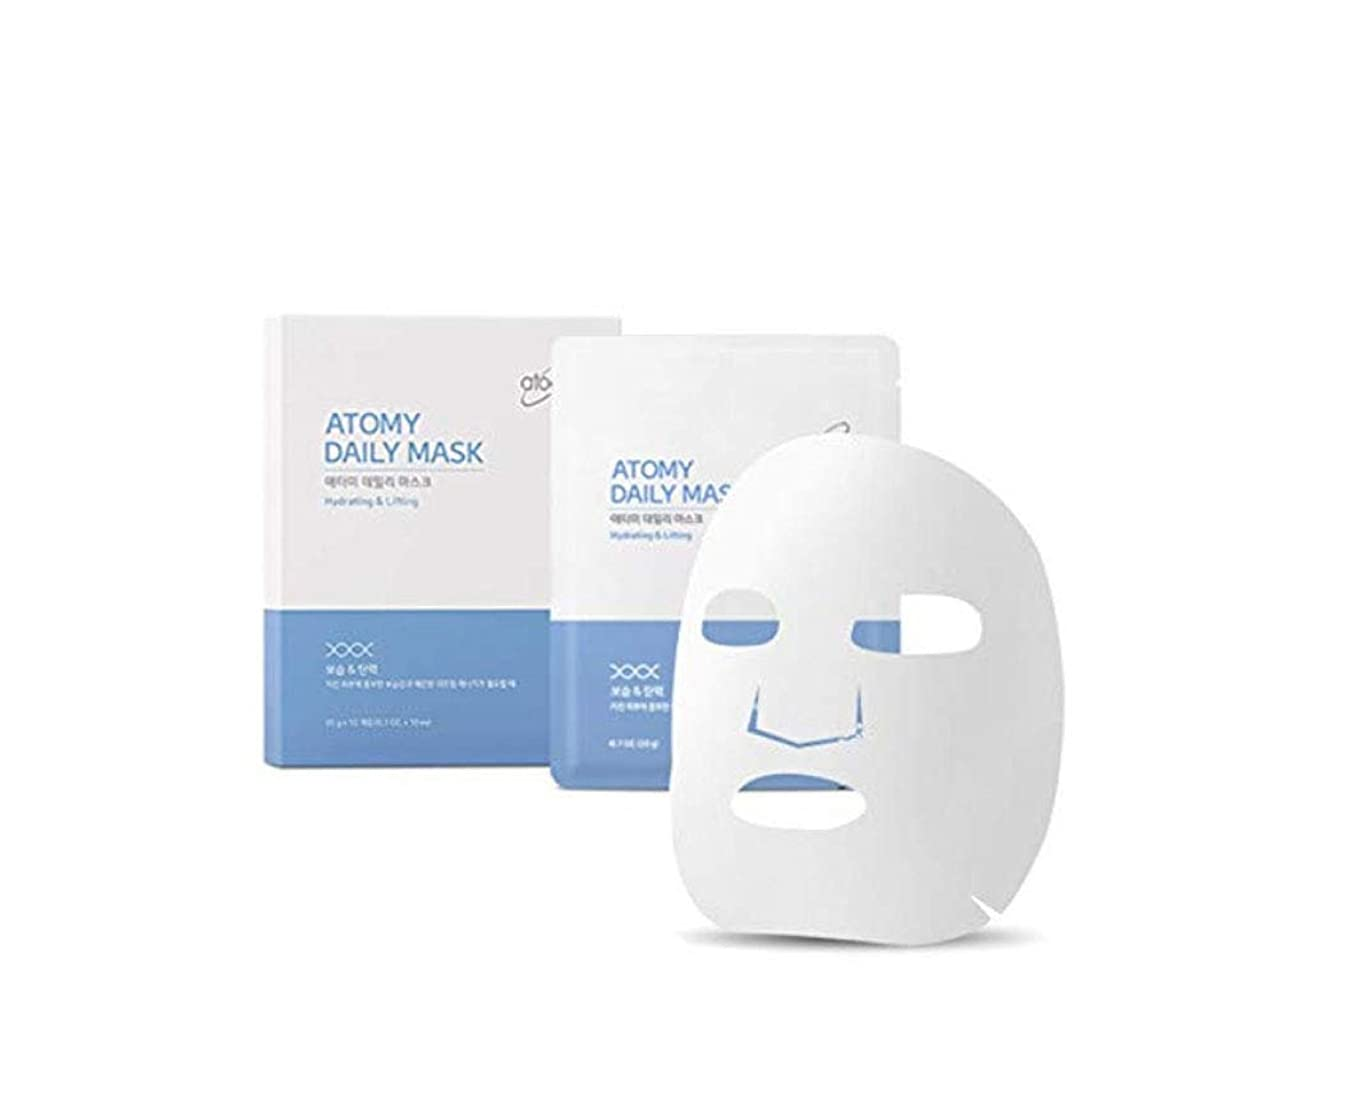 長方形キリスト記念日[NEW] Atomy Daily Mask Sheet 10 Pack- Hydrating & Lifting アトミ 自然由来の成分と4つの特許成分マスクパック(並行輸入品)